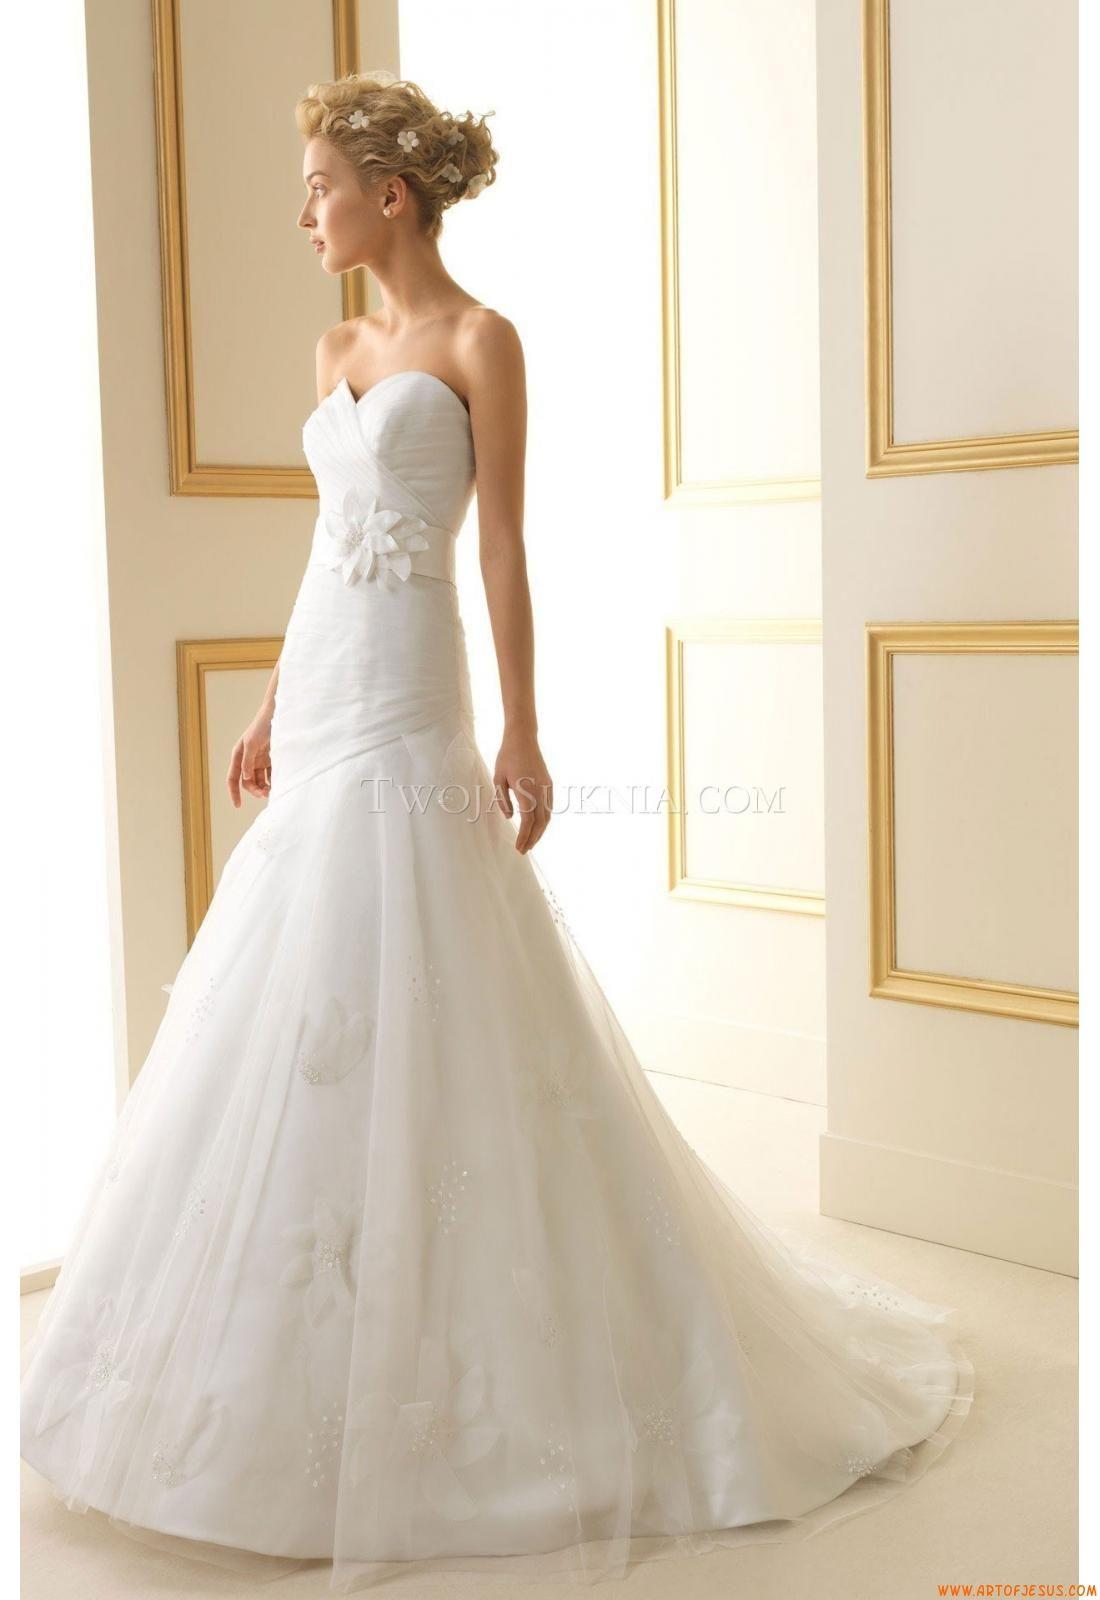 Wedding Dress Luna Novias 179 Trevol 2013